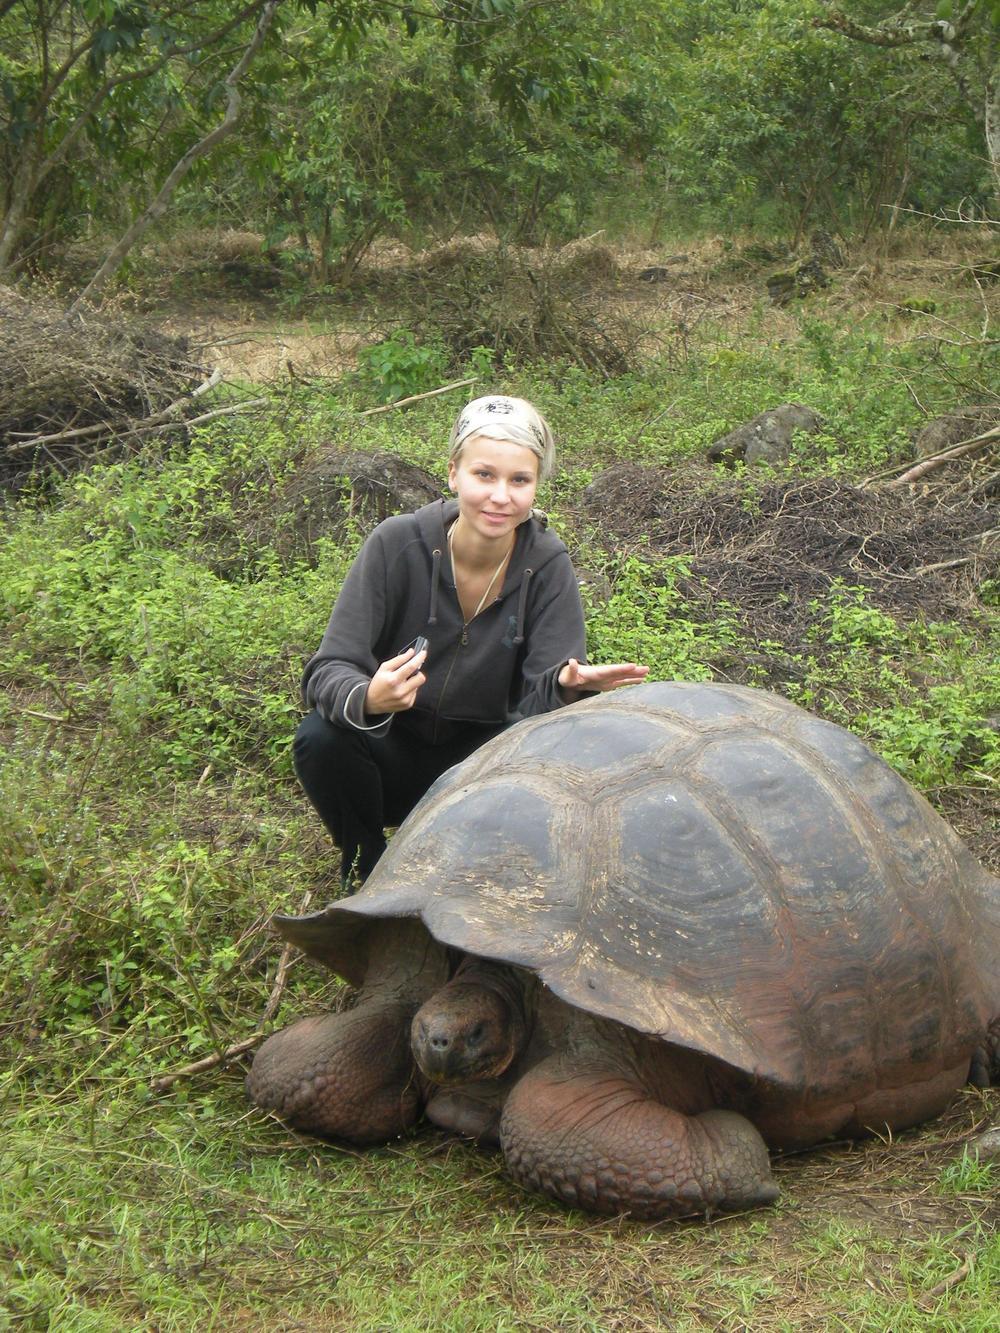 Nuori nainen kyykistyneenä ison kilpikonnan rinnalle.